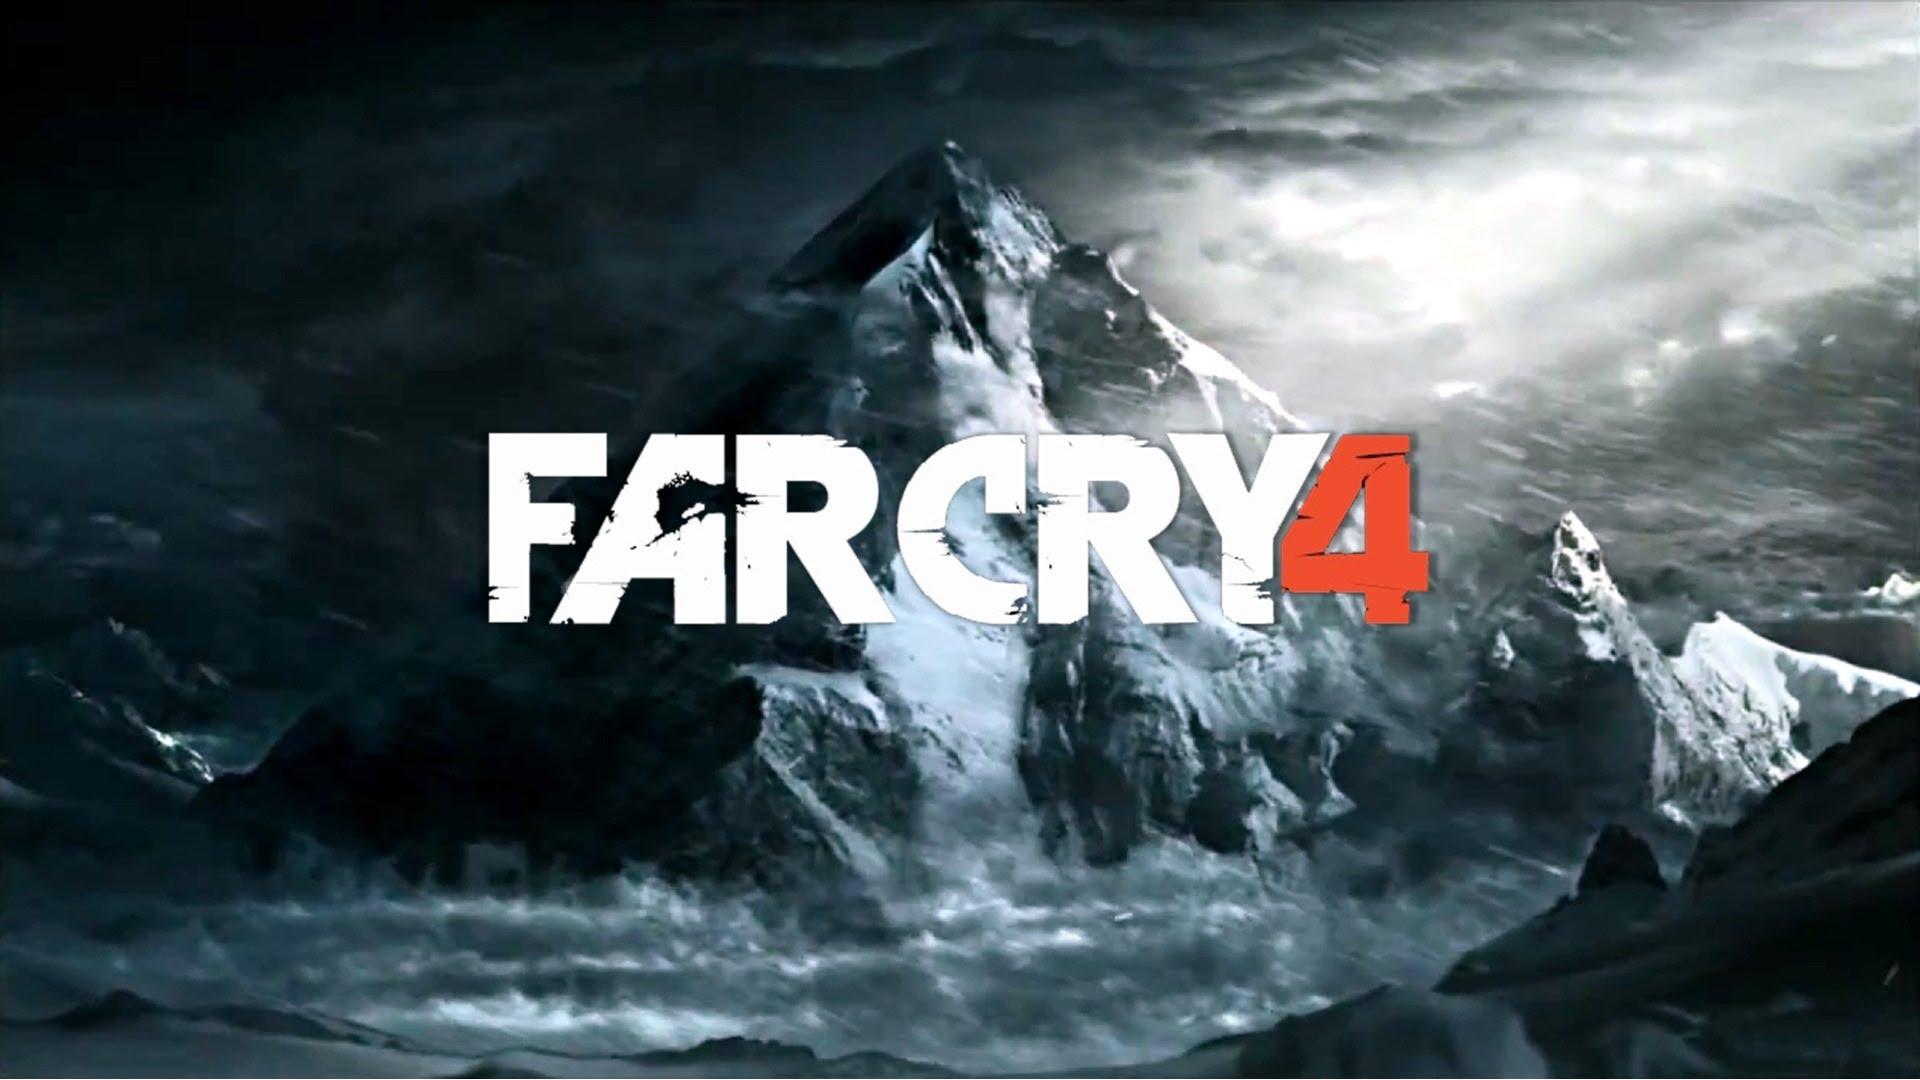 Farycry 4 PC Cdkey auf Tiefstand!